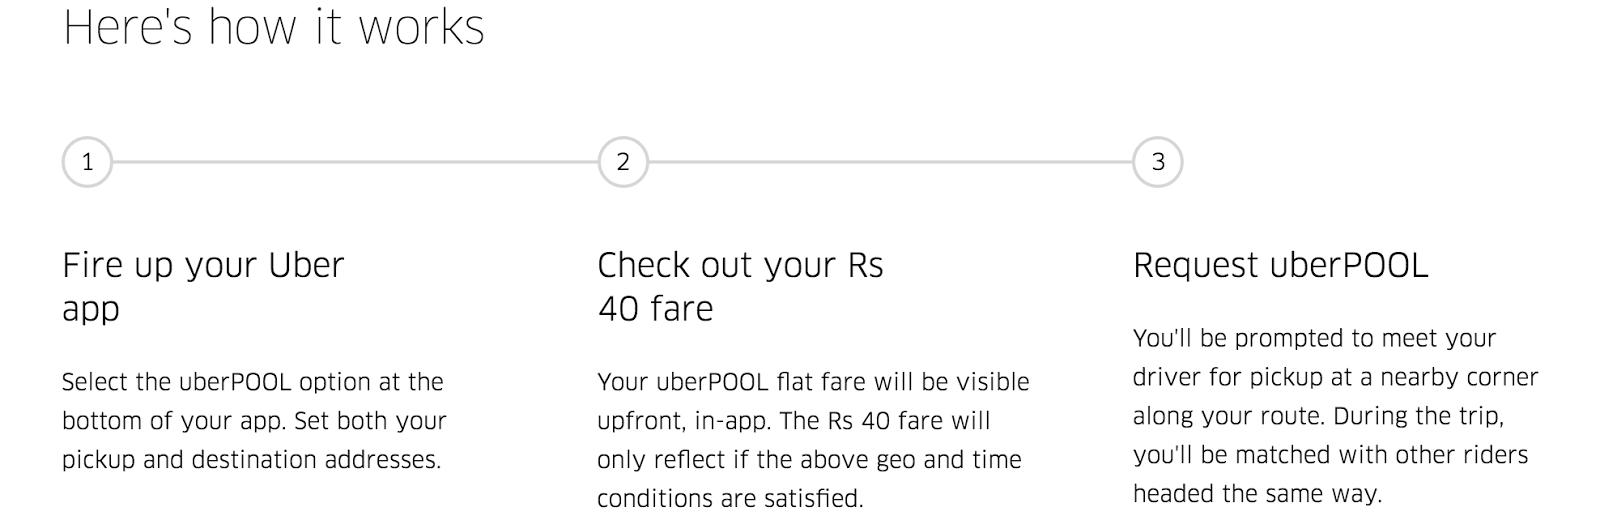 How to uberpool